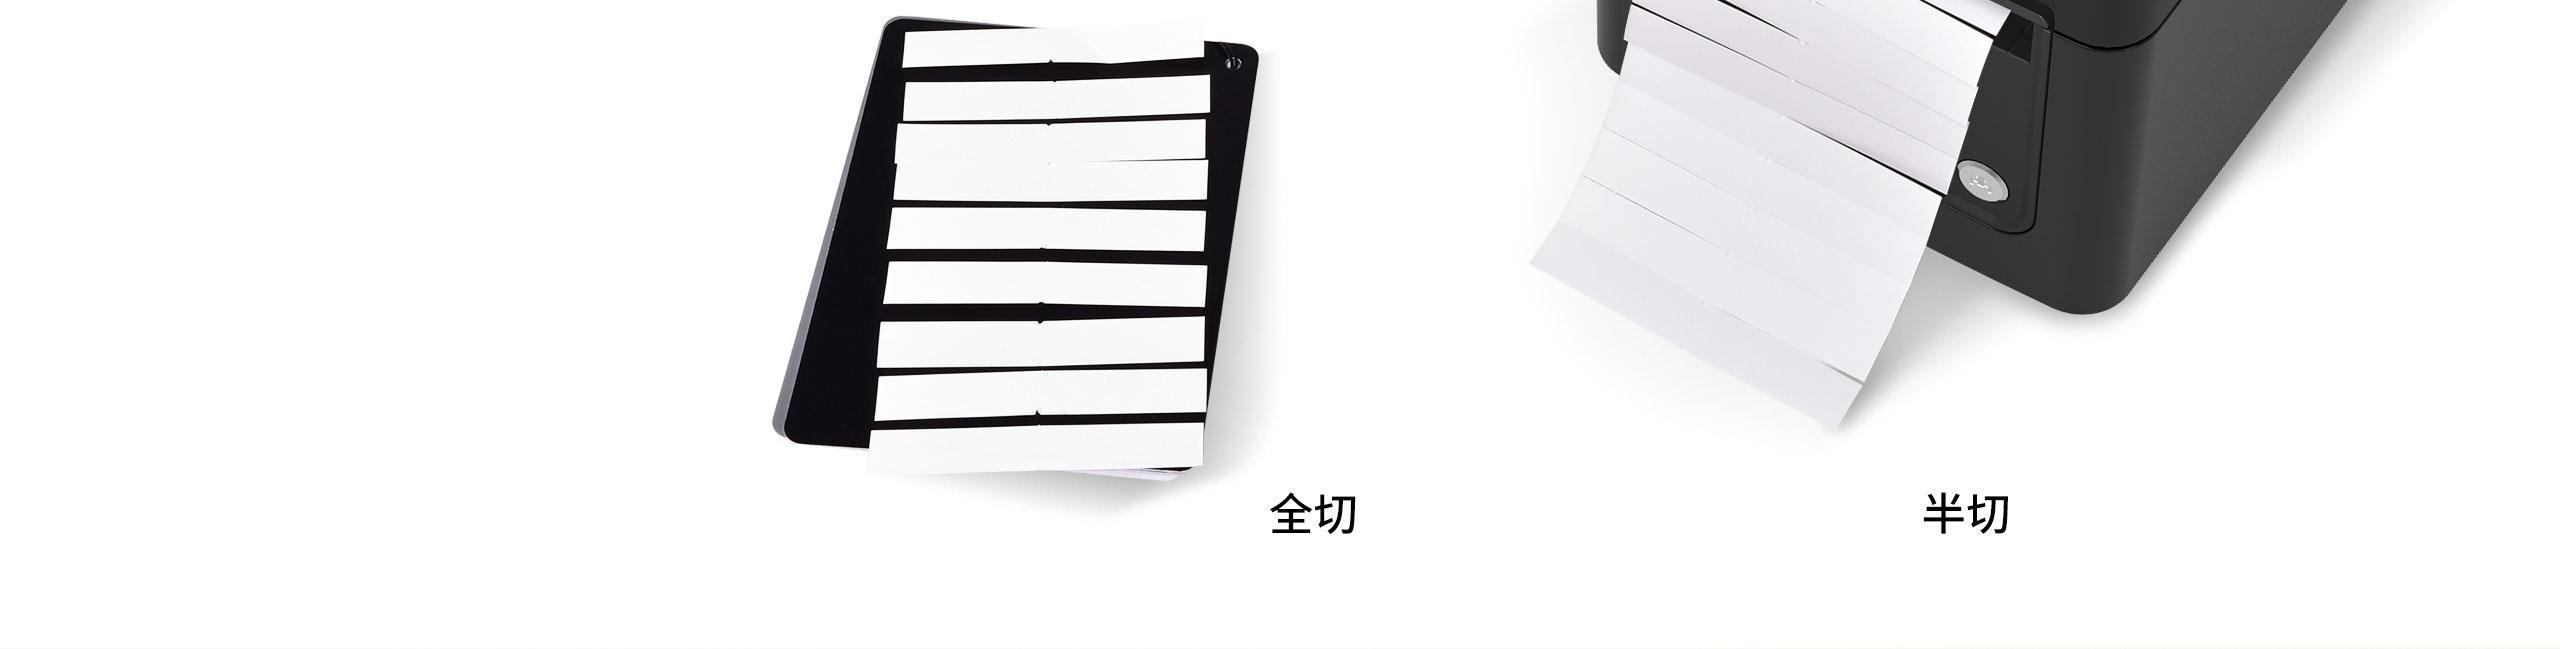 TP809热敏票据打印机,黑白两色可选  第35张